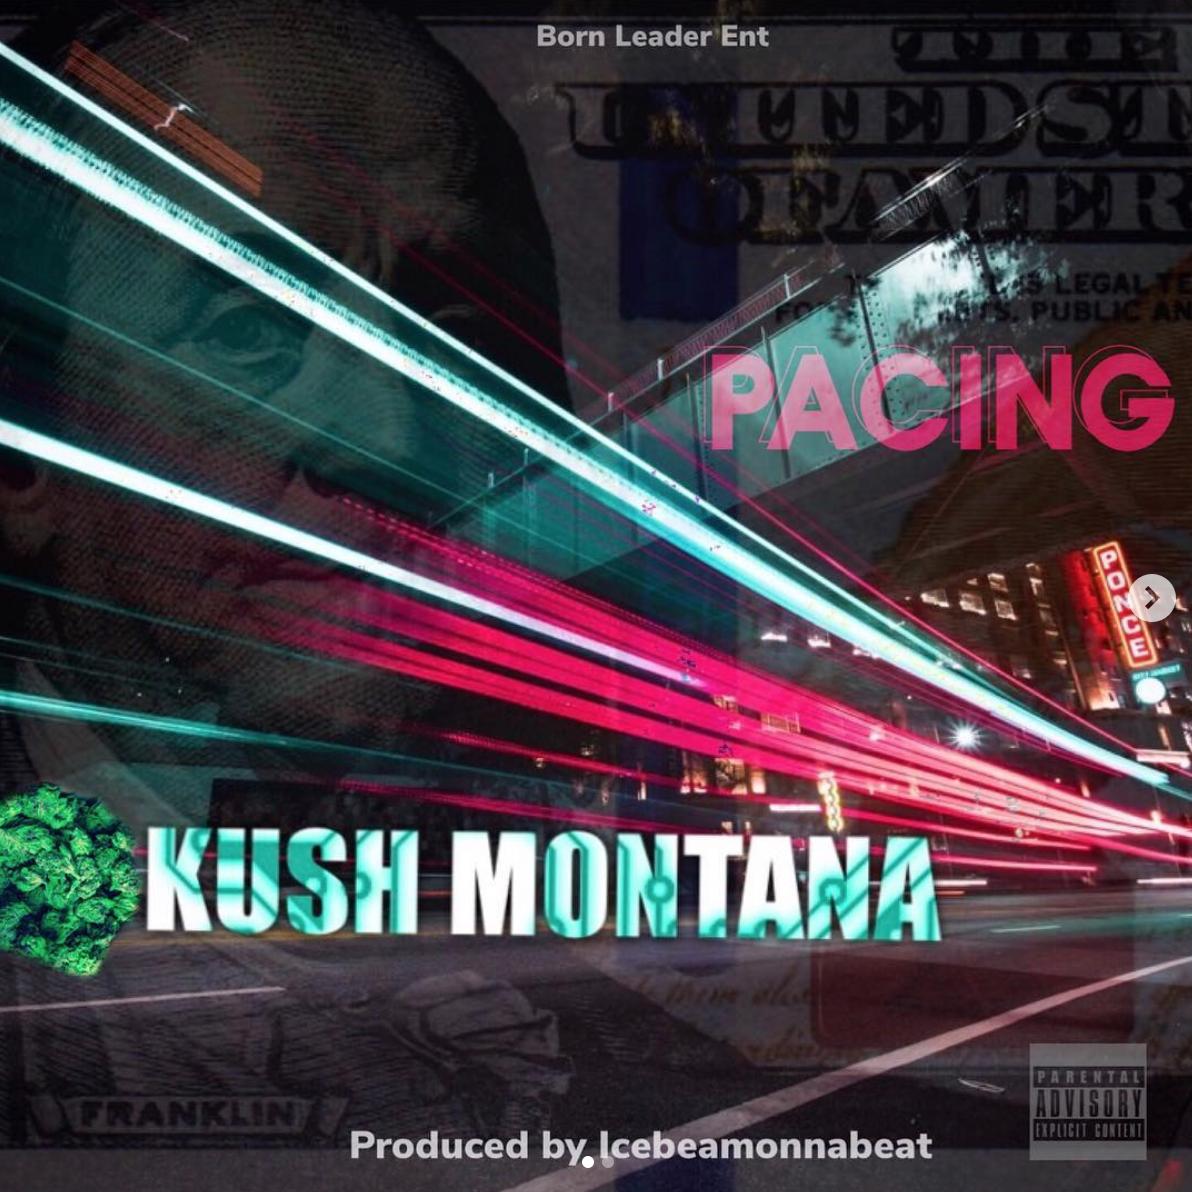 Kush Montana is the Name!